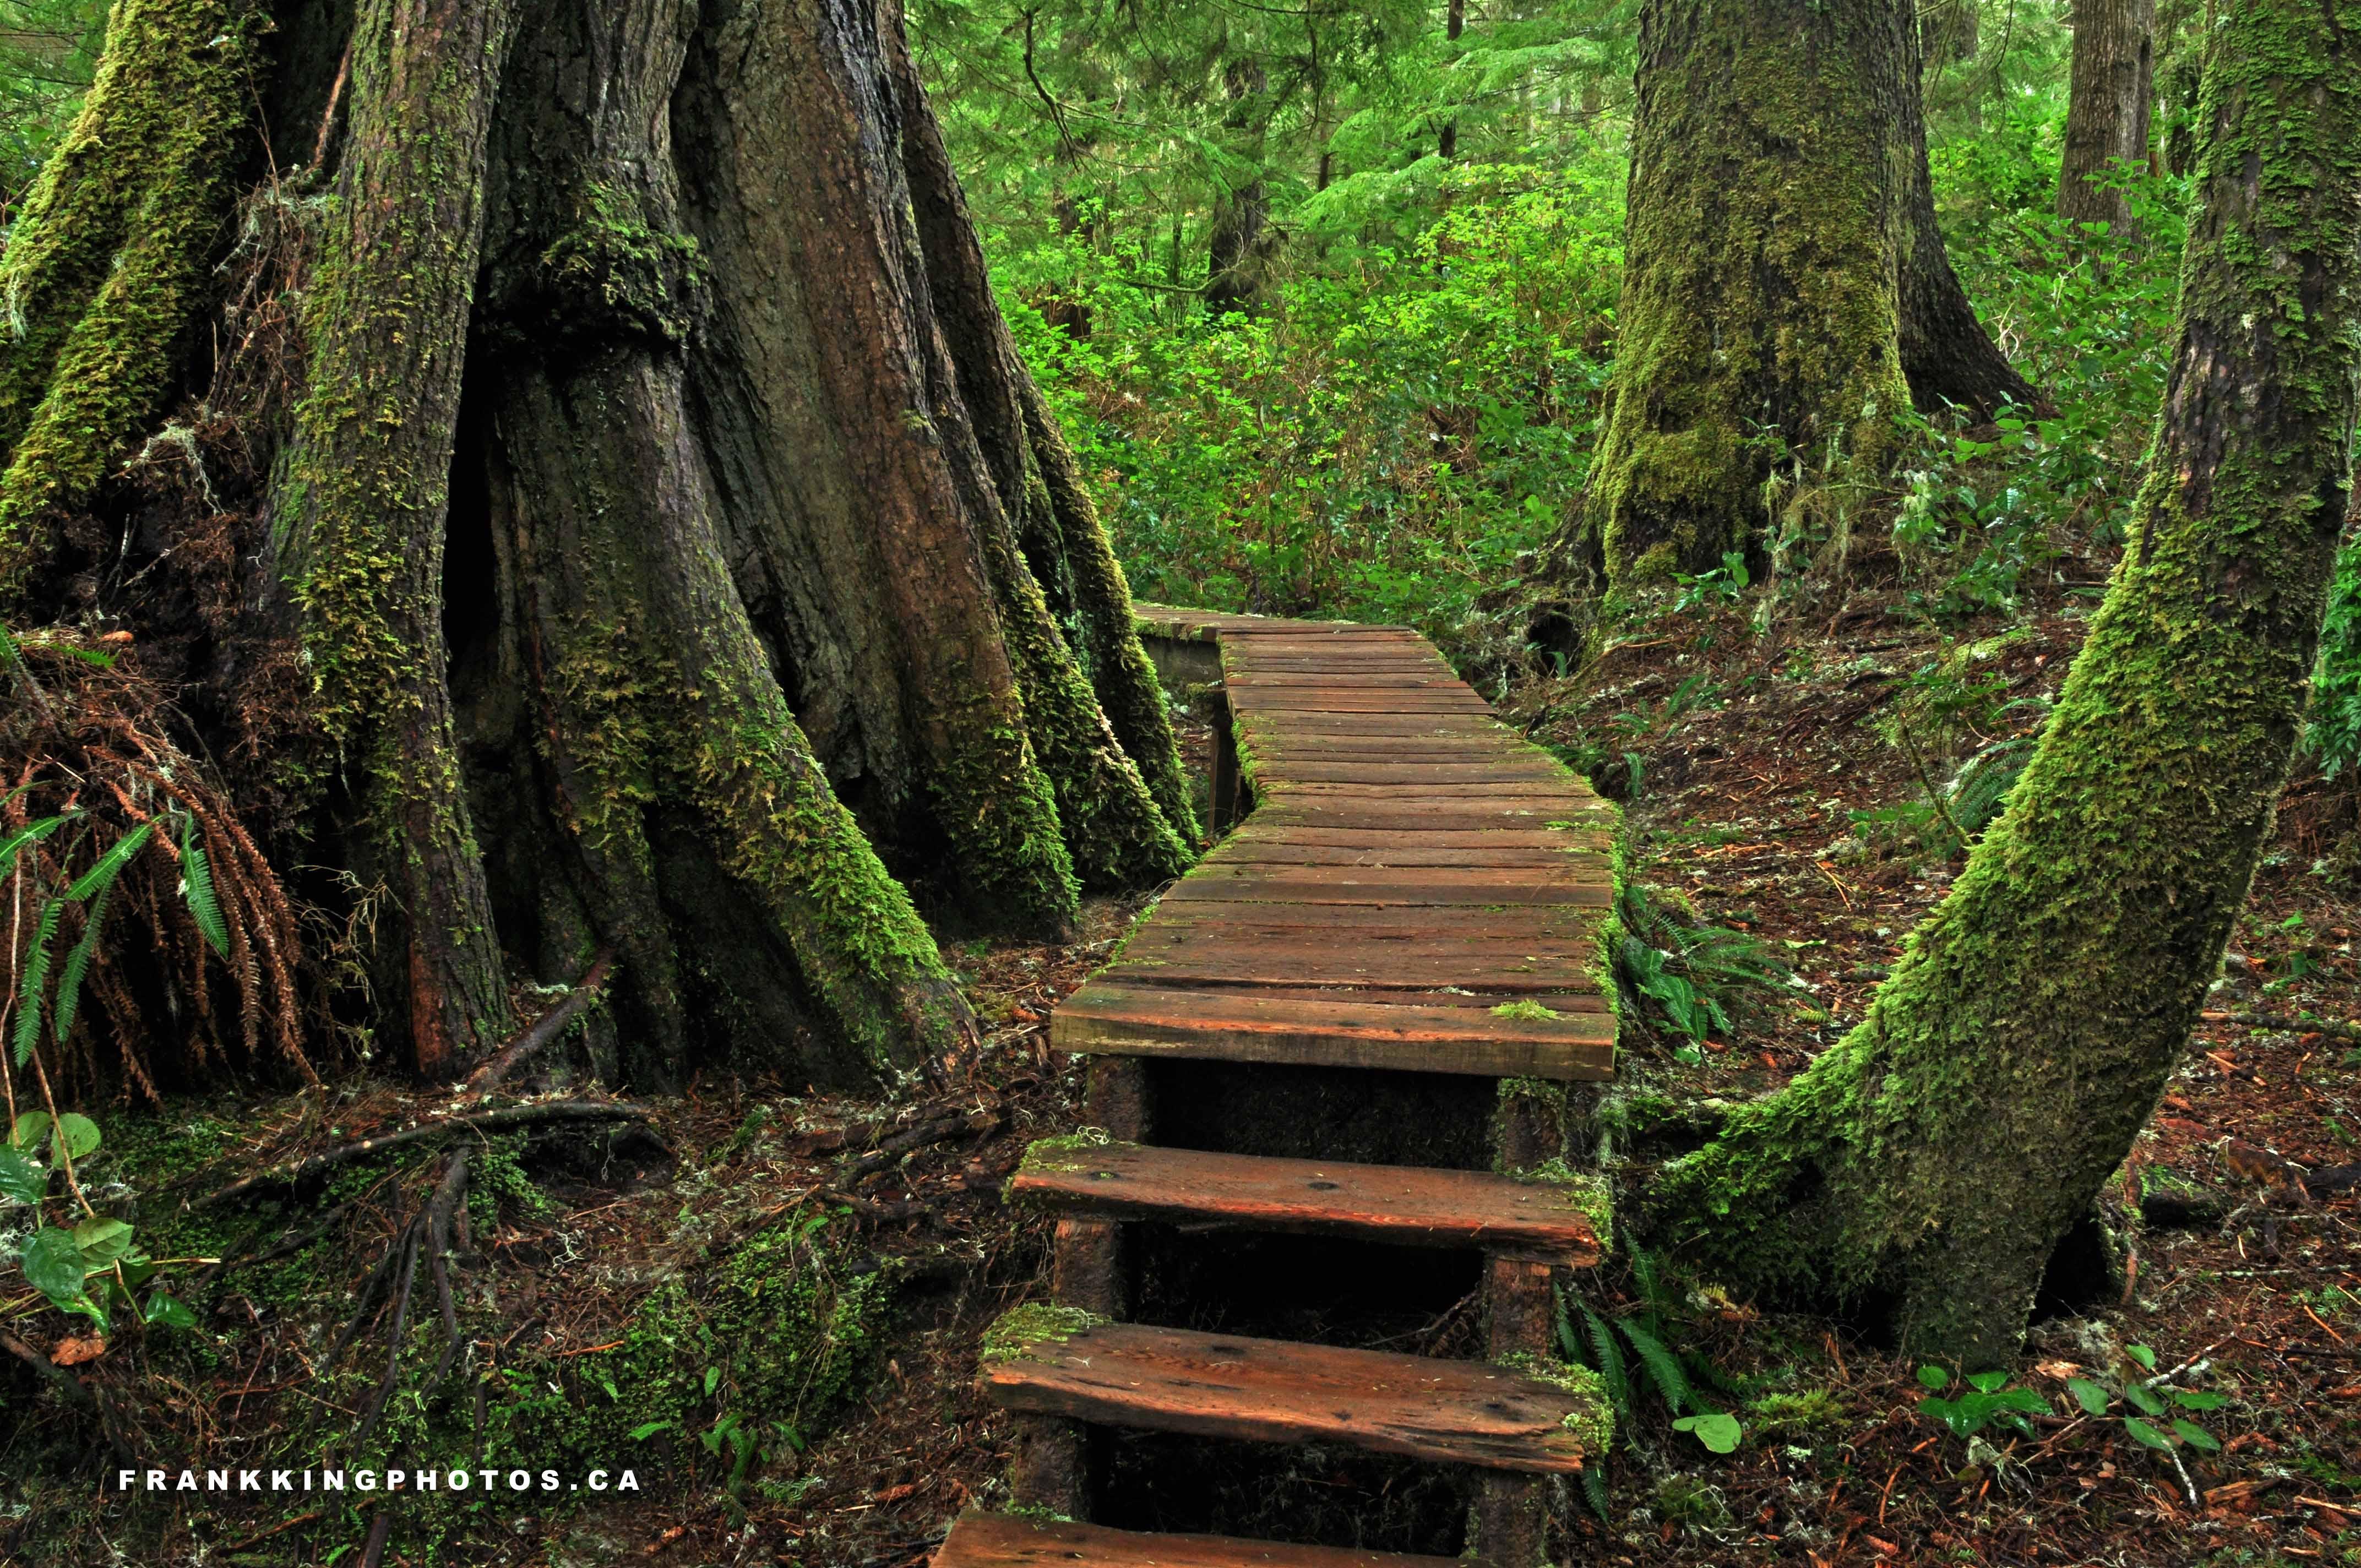 Natural landscapes schooner cove trail frank king photos for Natural landscape